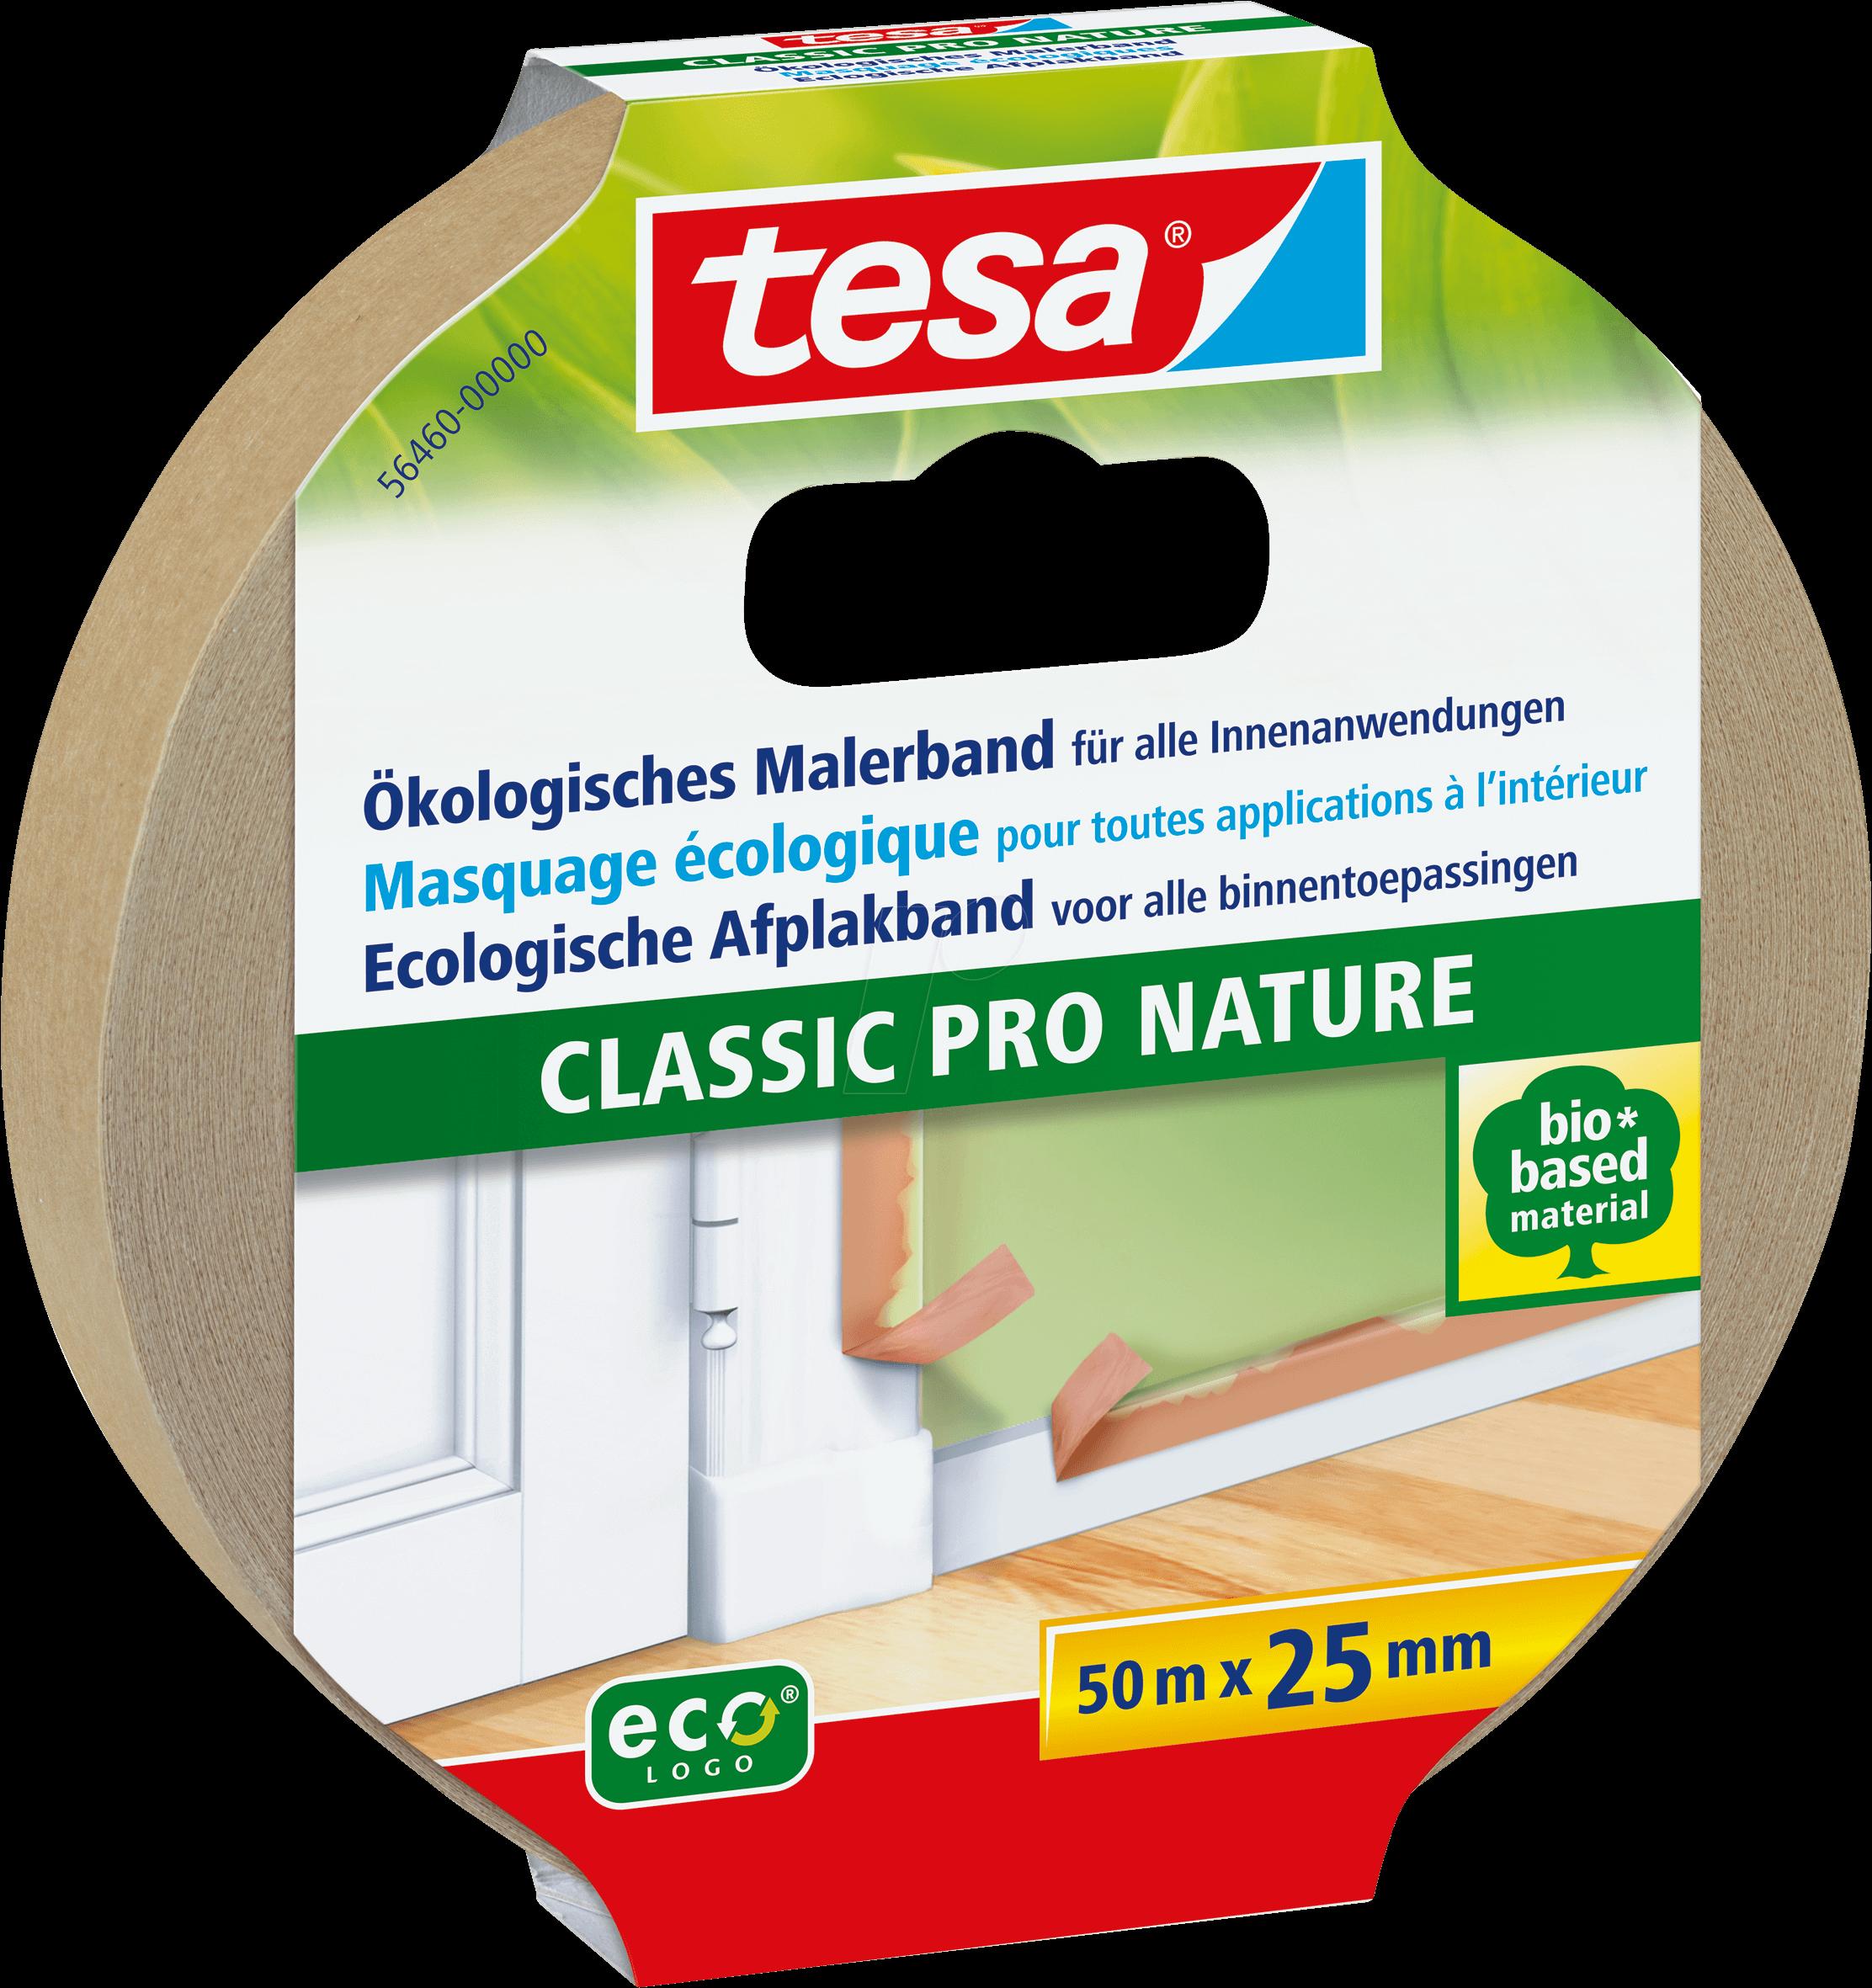 https://cdn-reichelt.de/bilder/web/xxl_ws/E400/TESA_56460_01.png